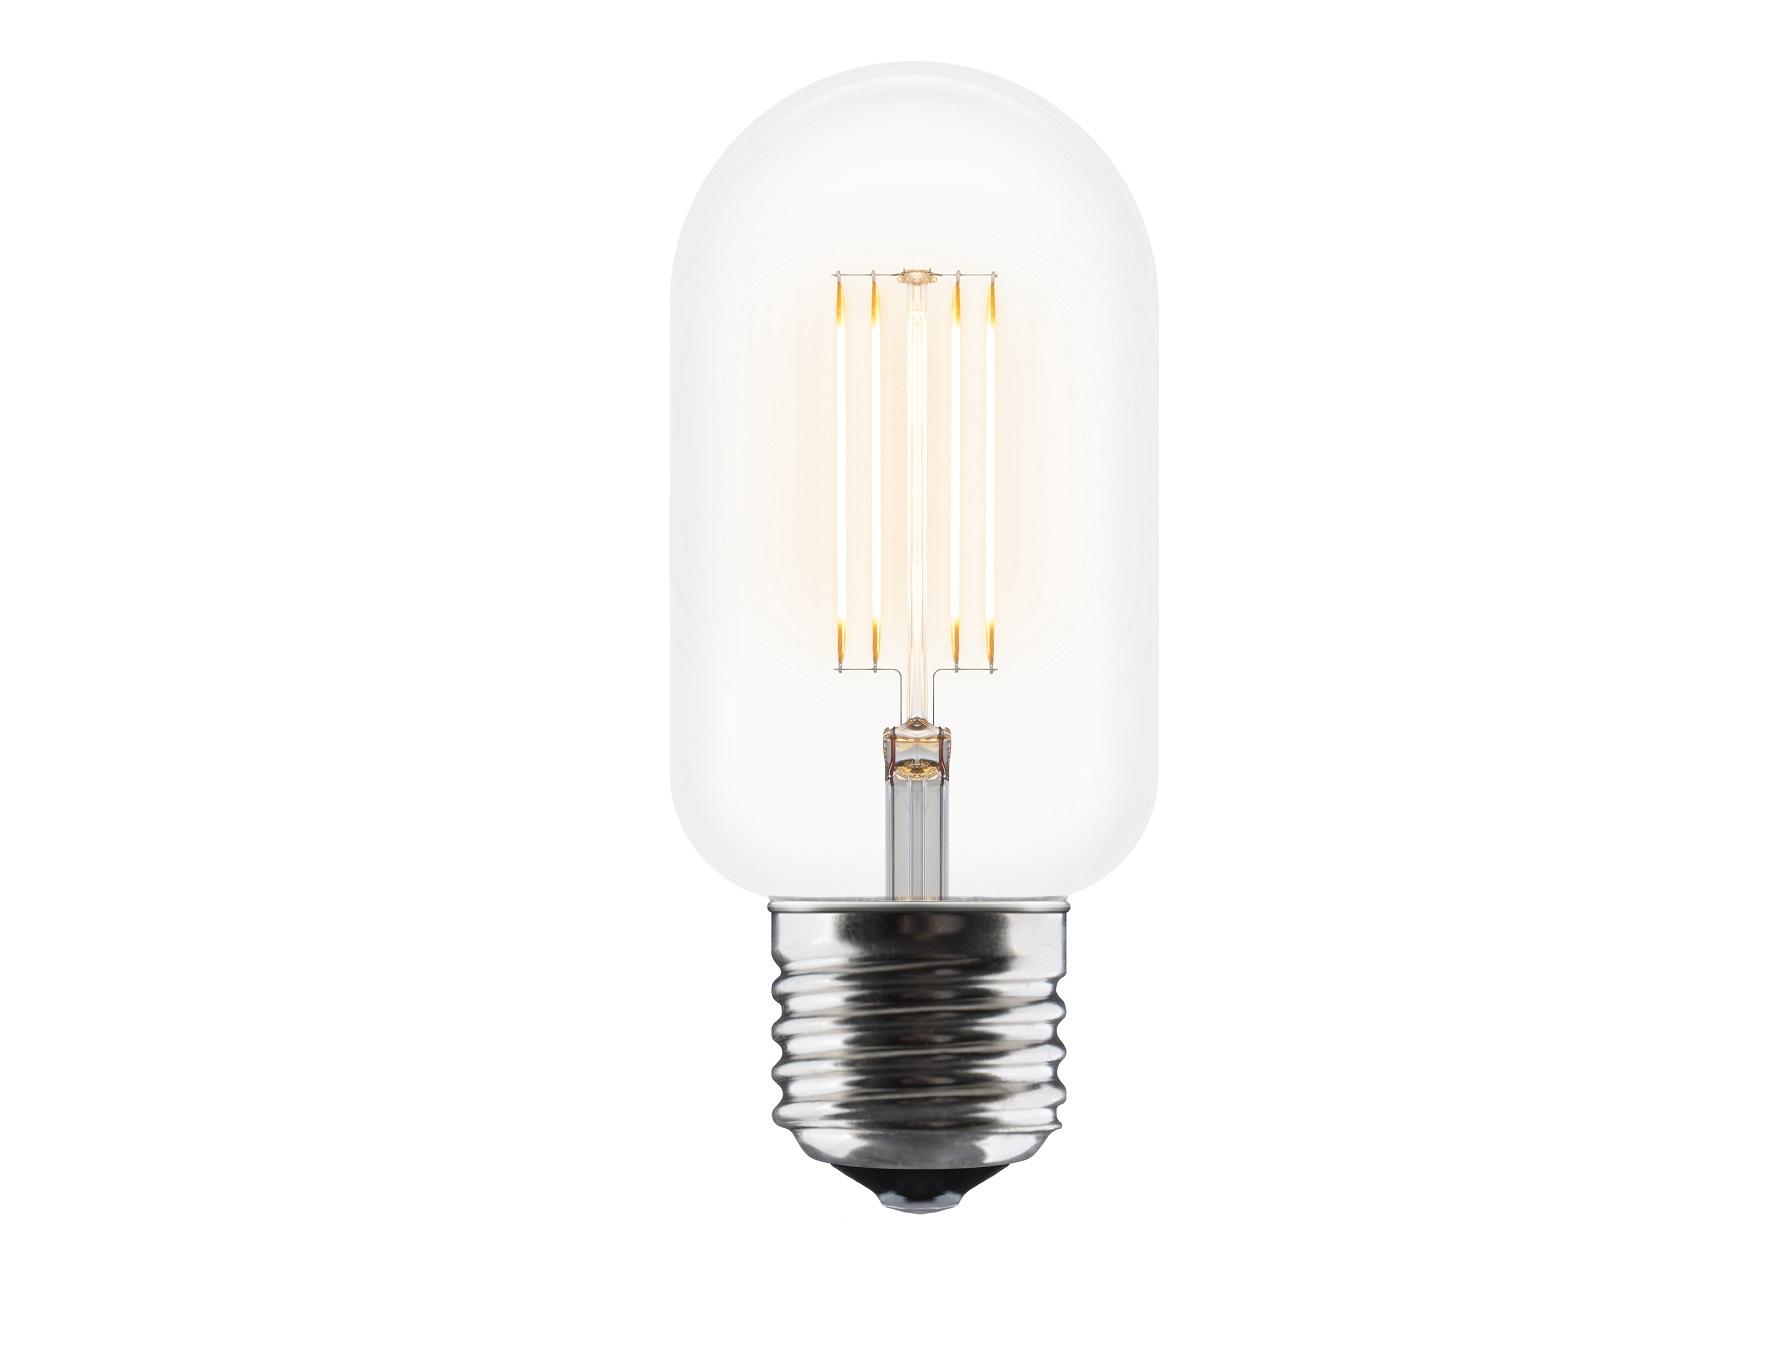 Лампочка ideaЛампочки<br>Уделяя особое внимание качеству света и защите окружающей среды, дизайнеры VITA создали эту энергосберегающую лампочку категории A++, которая относится к наивысшему классу энергоэффективности. Её простой и привлекательный дизайн напоминает форму классической лампочки, хотя в отличие от последней лампочка LED Idea не нагревается во время работы. Благодаря высоким показателям цветопередачи теплый ламповый свет имитирует естественное природное освещение, приятное для глаз. Лампочка LED Idea - безопасное и нетоксичное решение для экономии энергии.&amp;lt;div&amp;gt;&amp;lt;br&amp;gt;&amp;lt;/div&amp;gt;&amp;lt;div&amp;gt;&amp;lt;div&amp;gt;Вид цоколя: LED&amp;lt;/div&amp;gt;&amp;lt;div&amp;gt;Мощность: 2W&amp;lt;/div&amp;gt;&amp;lt;/div&amp;gt;<br><br>Material: Стекло